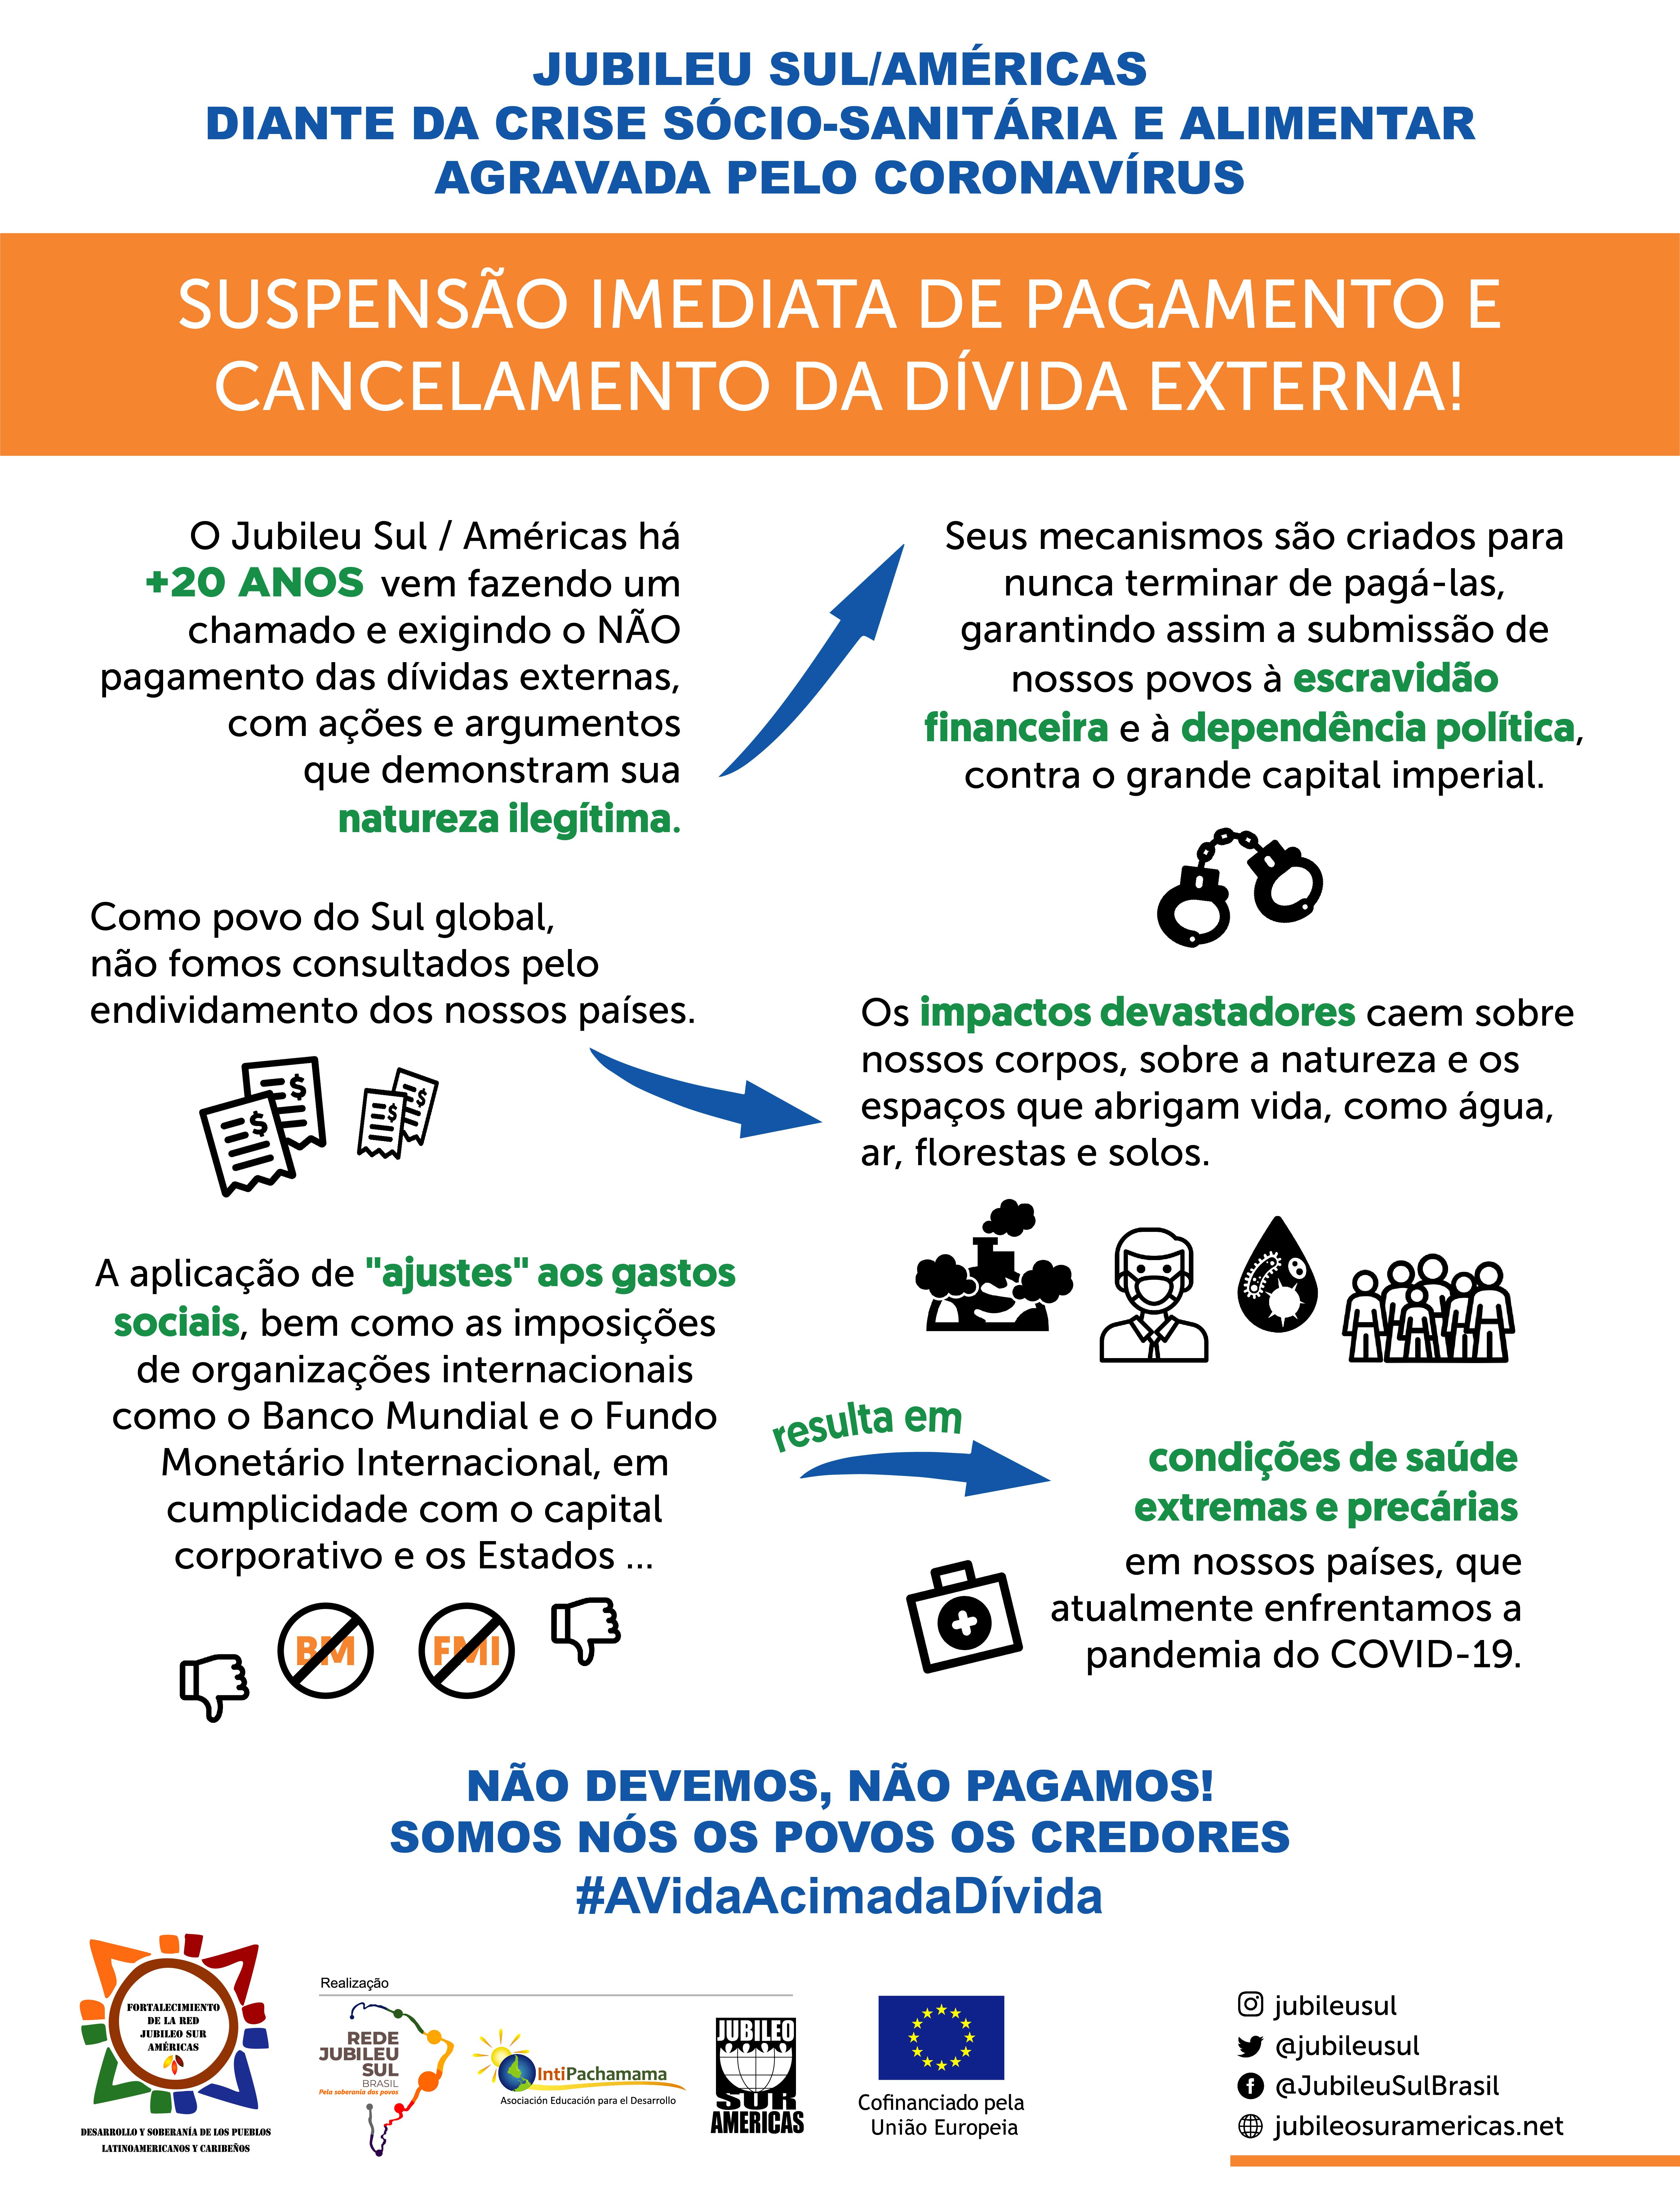 A posição de Jubileu Sul Brasil Frente a crise sócio sanitária e alimentar agravada pela COVID-19